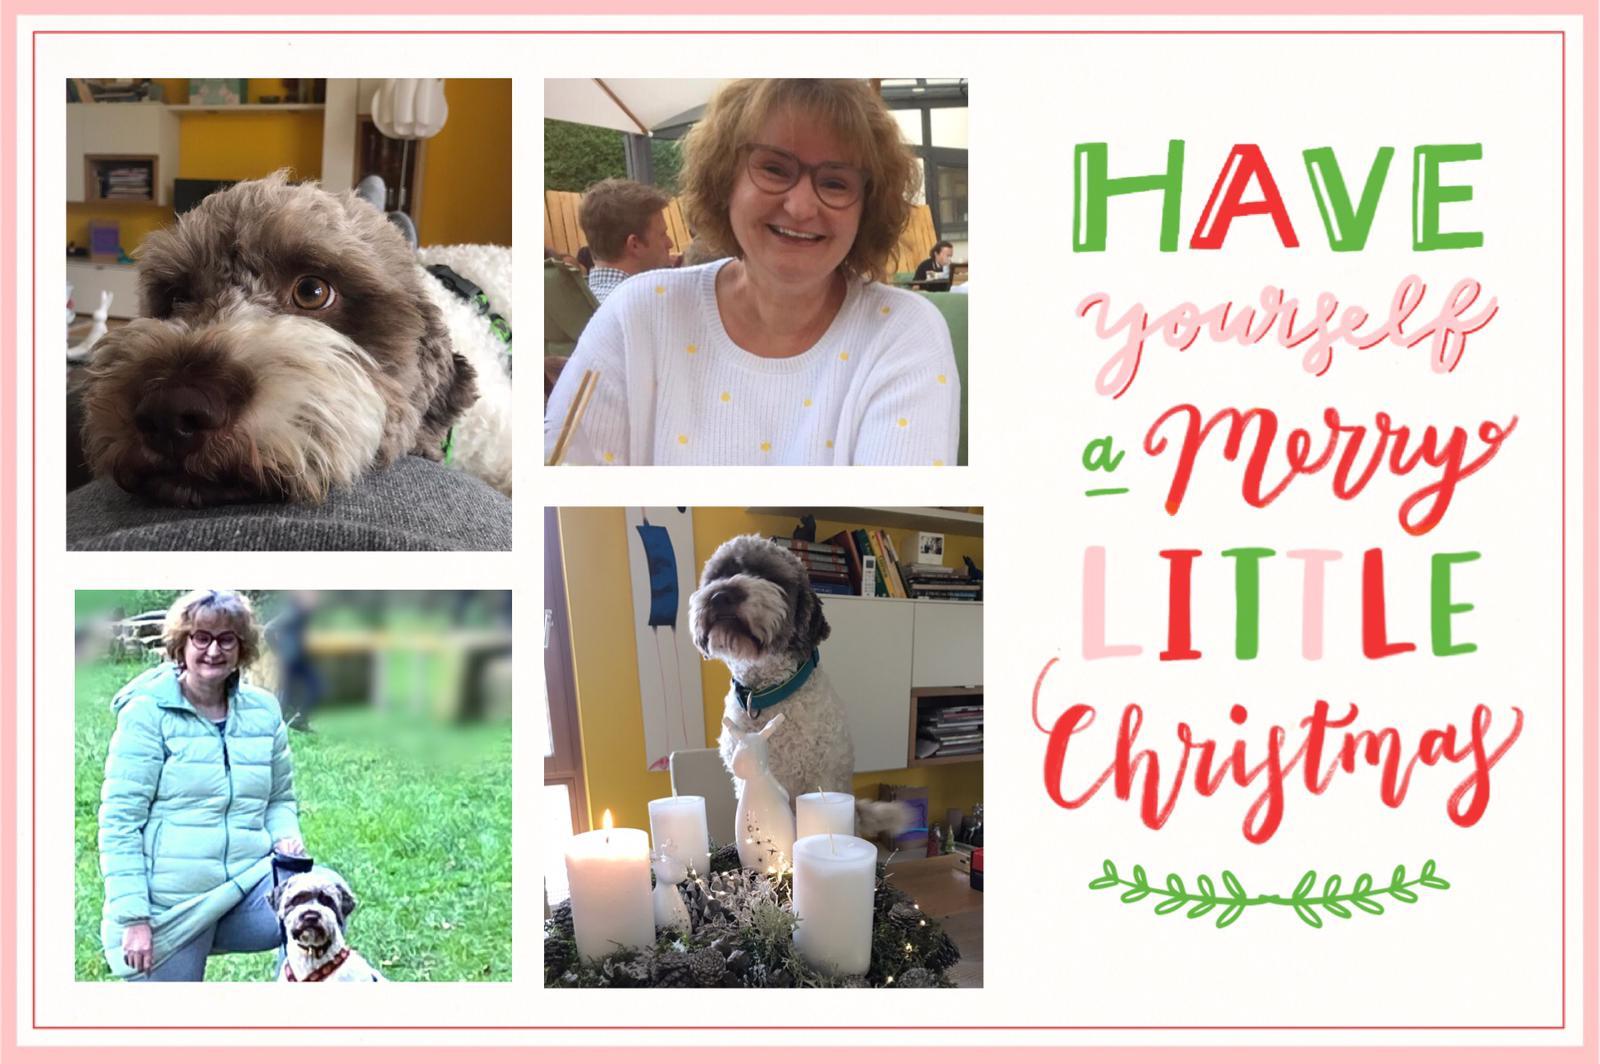 Frohe Weihnachten wünschen Fina und Joelle